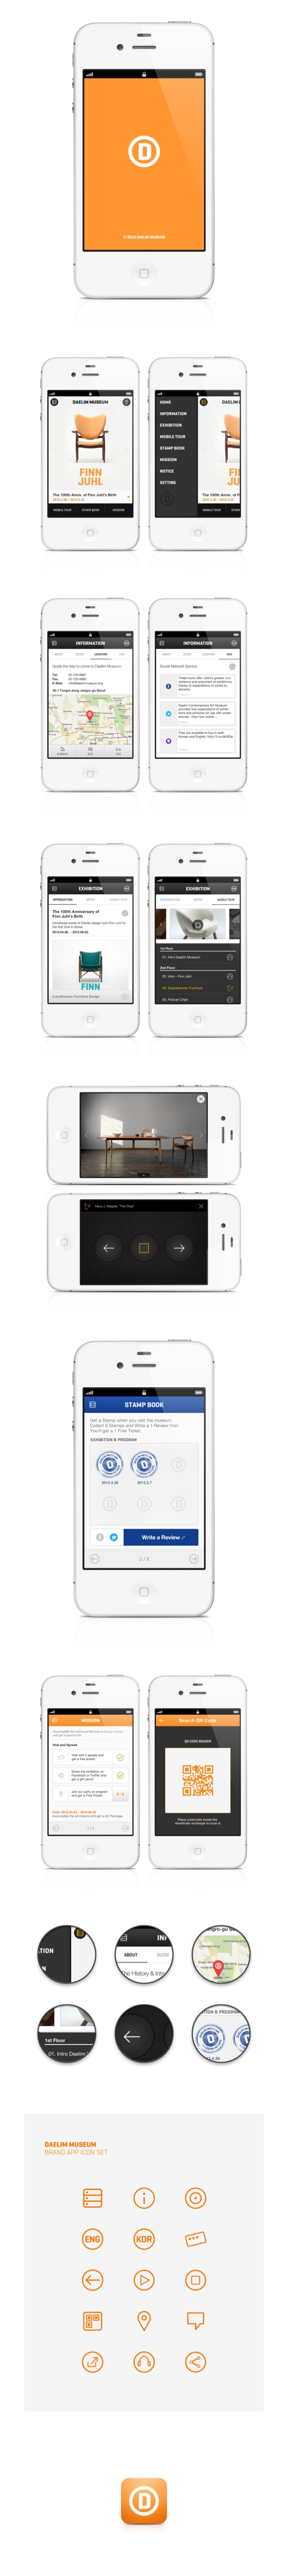 Daelim Museum #Mobile #App